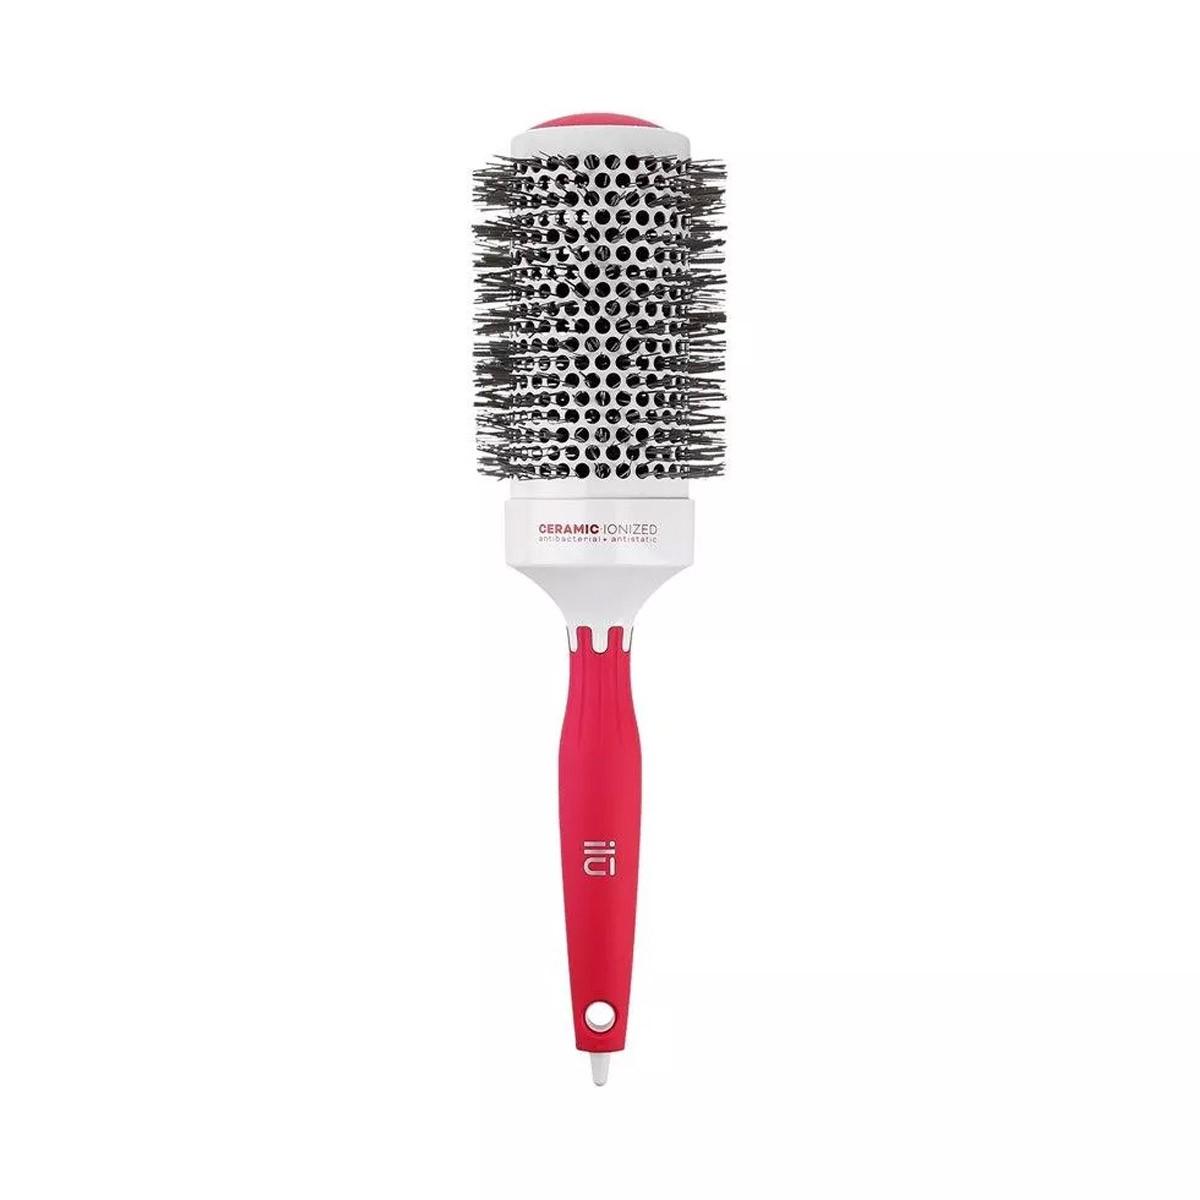 ILU Do You Have This In Pink? - Okrągła szczotka do stylizacji 53mm